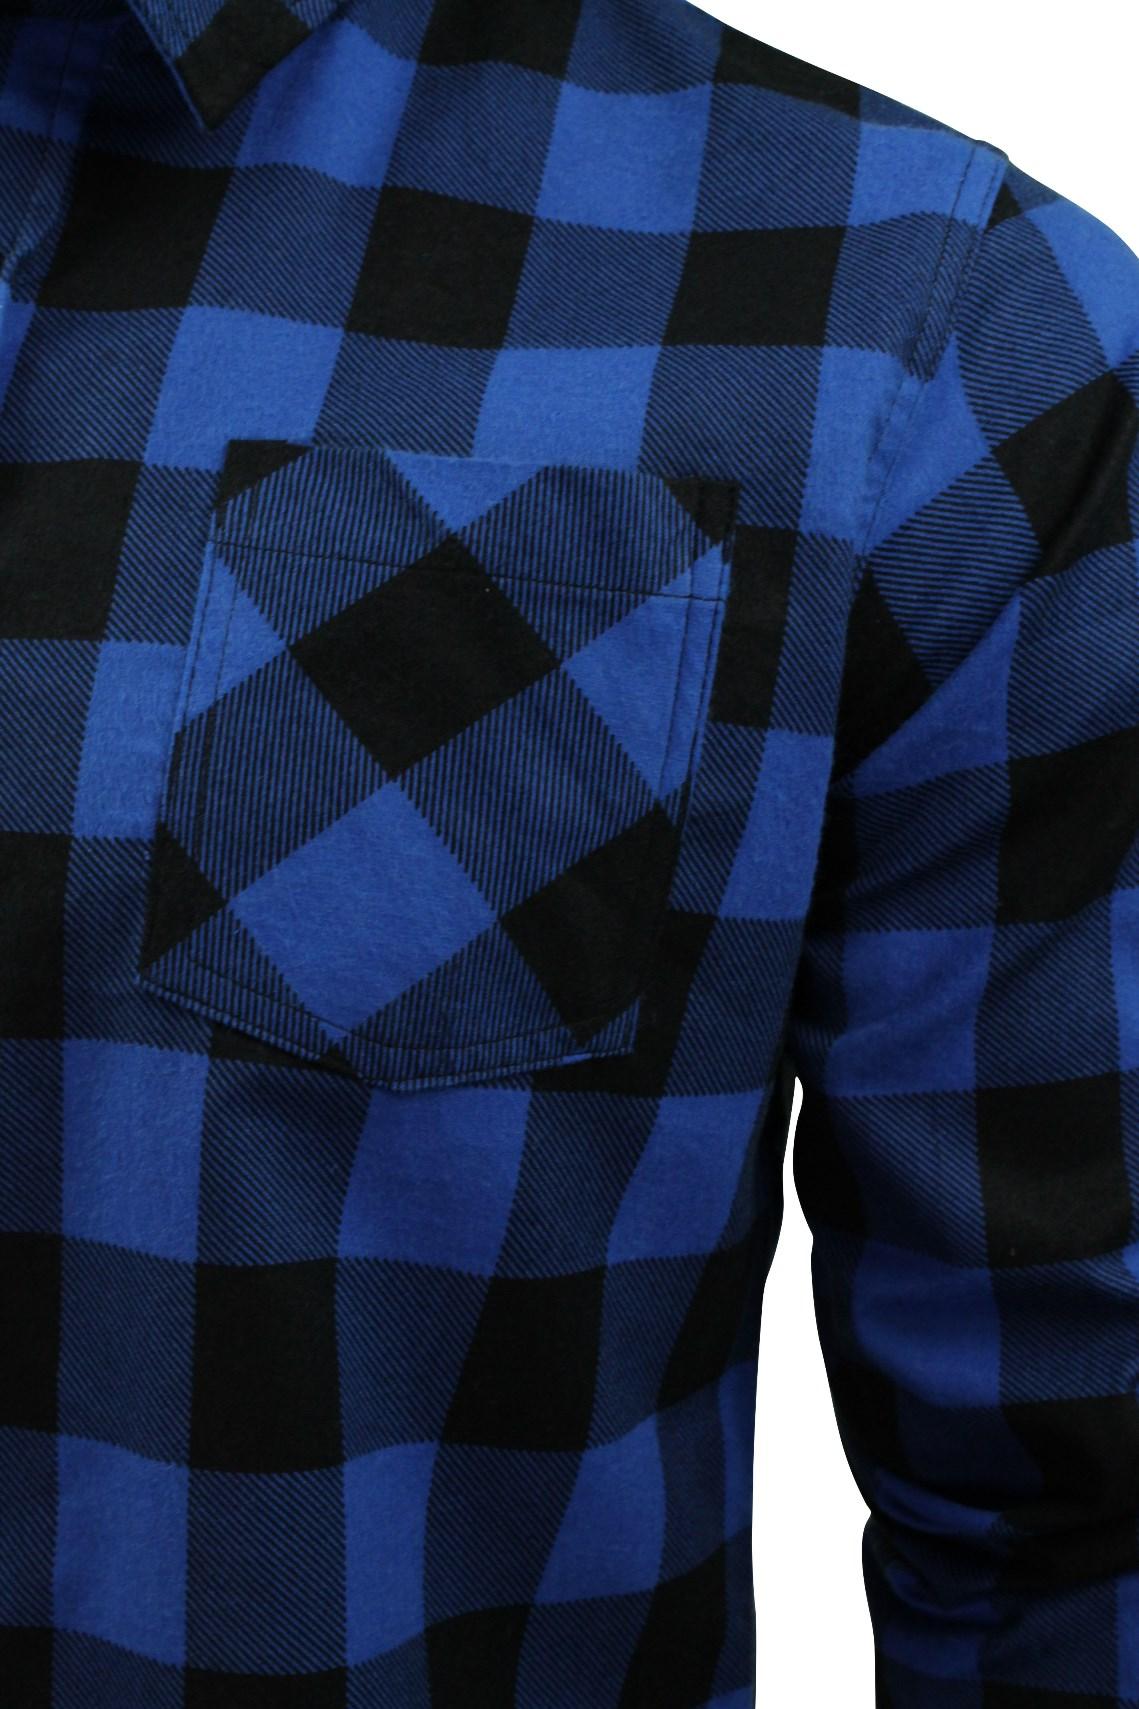 Verificacion-de-franela-de-algodon-cepillado-alma-valiente-camisa-de-mangas-largas-De-Jack miniatura 5